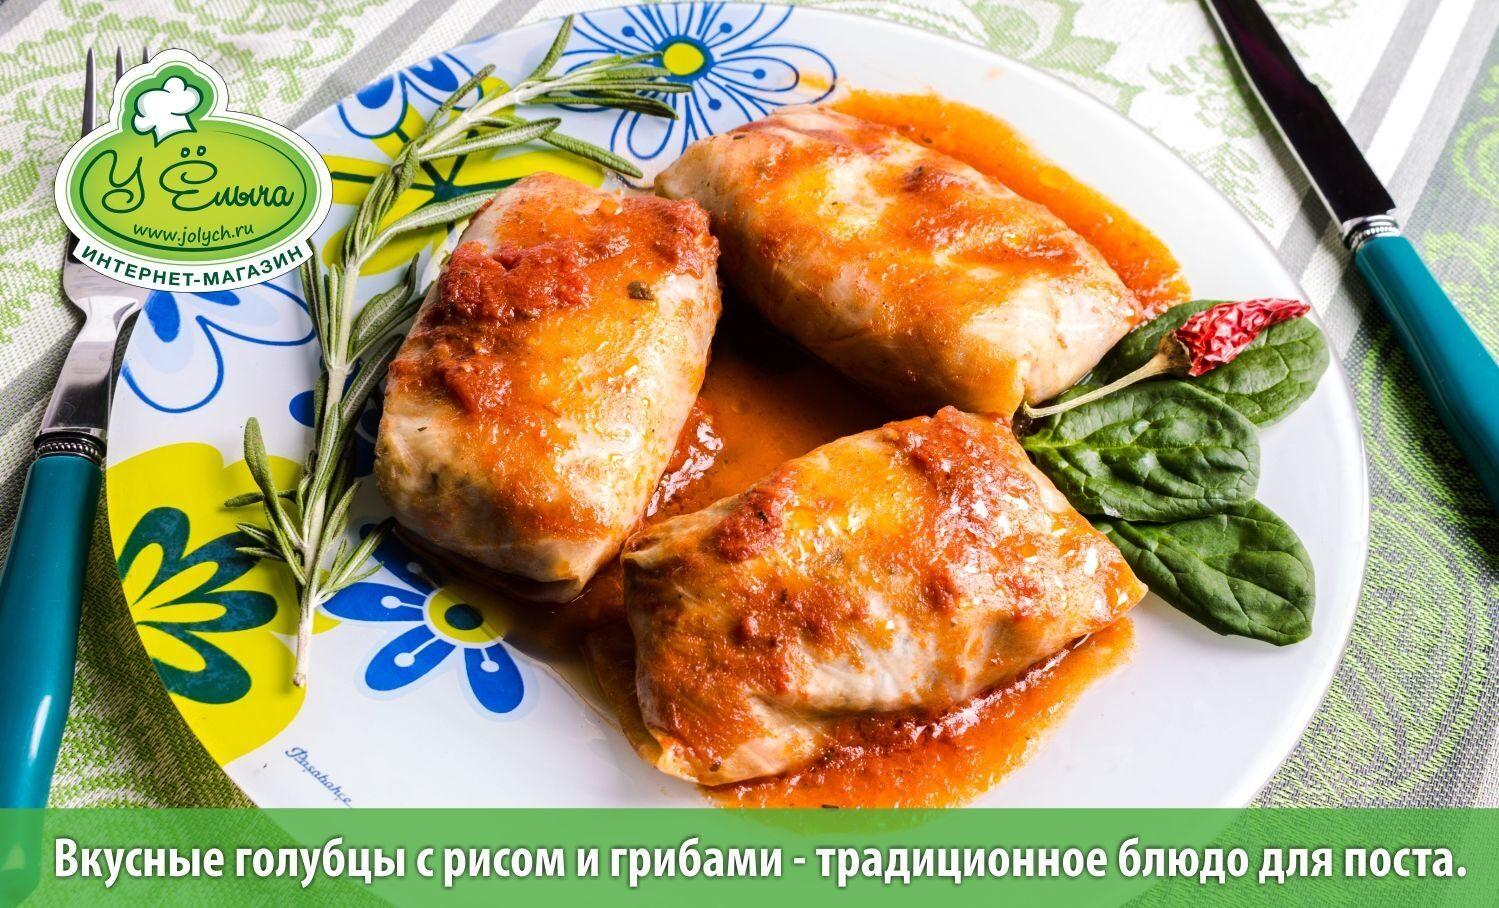 Праздничные блюда с рецептами и